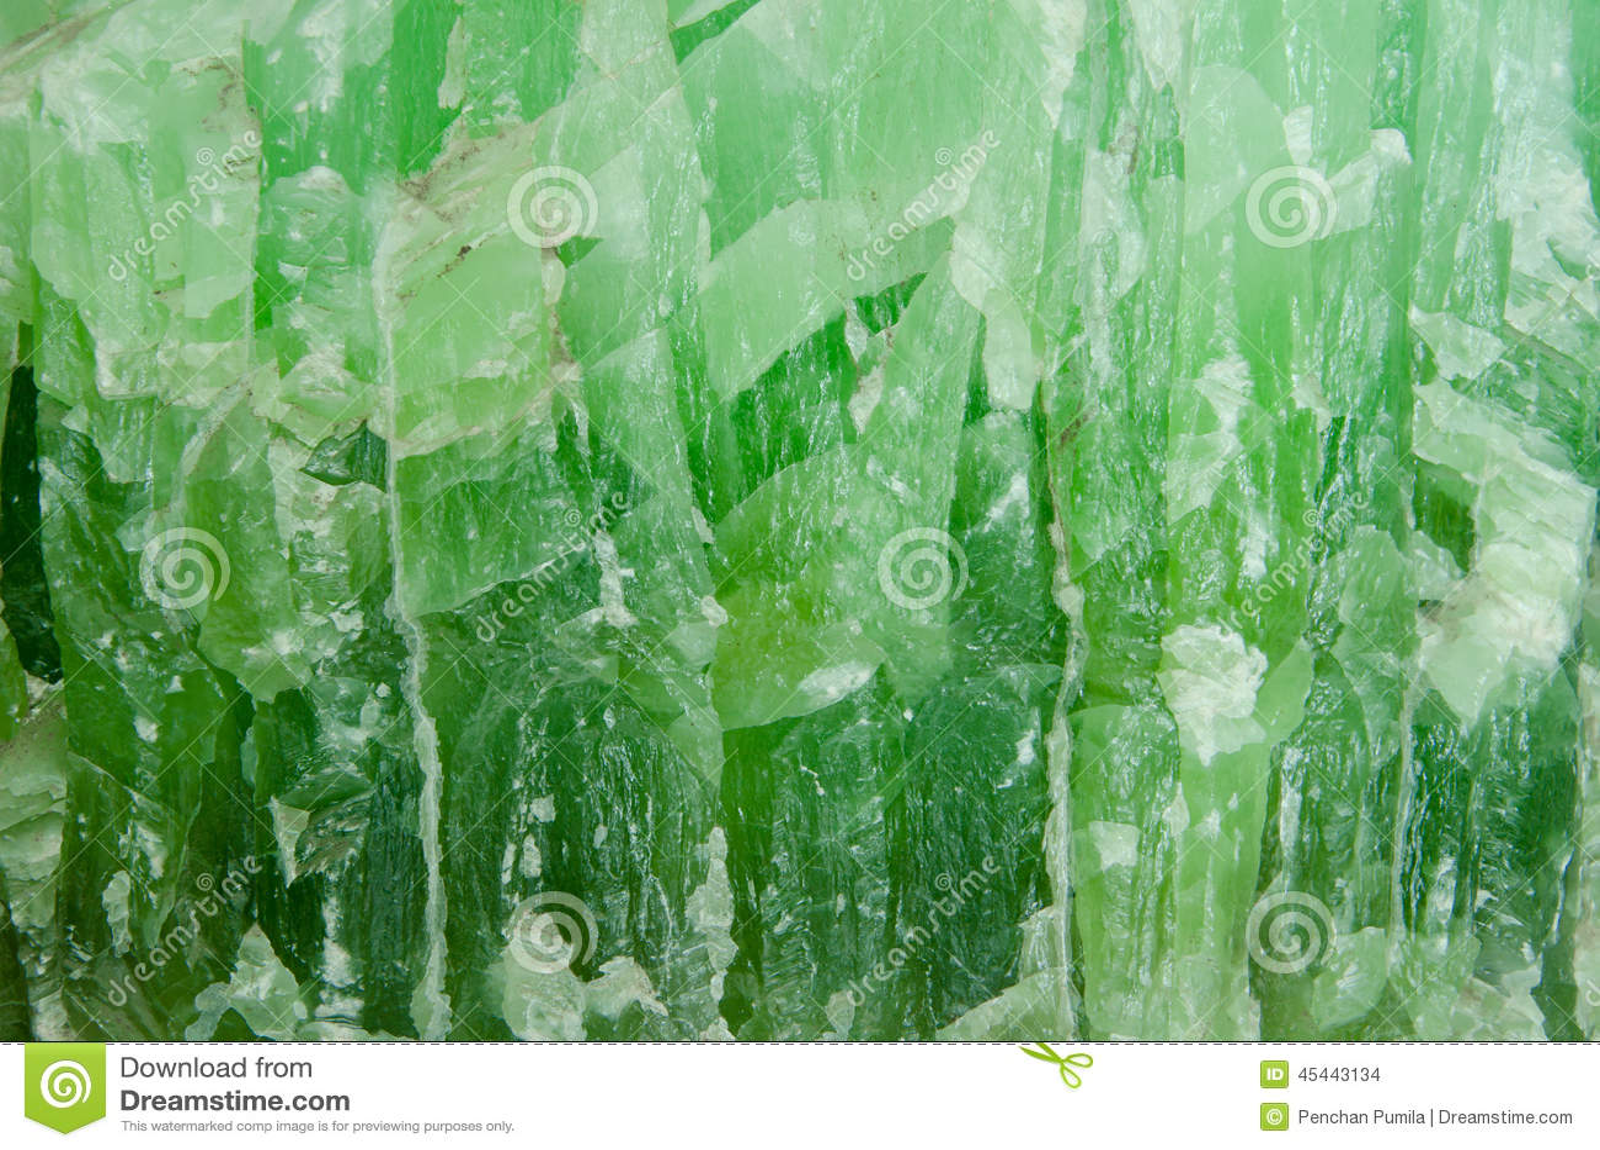 White Jade Natural Stone